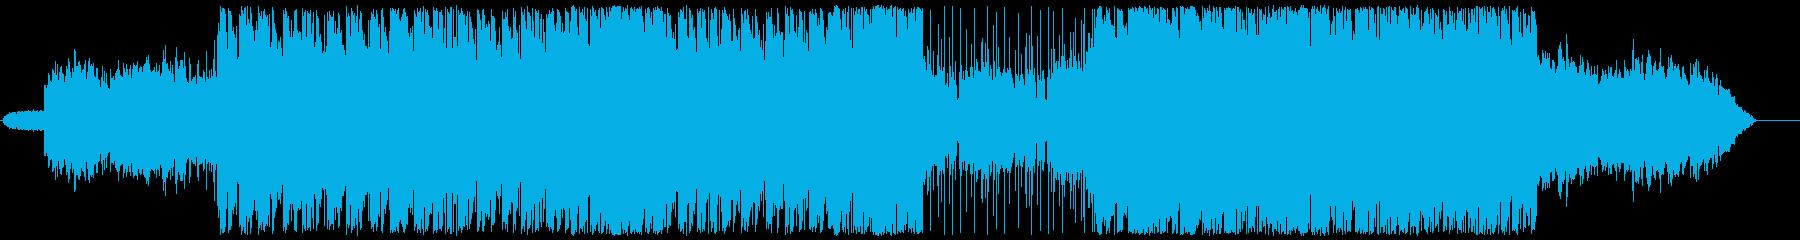 シンセリフ主体のダークなテクノの再生済みの波形